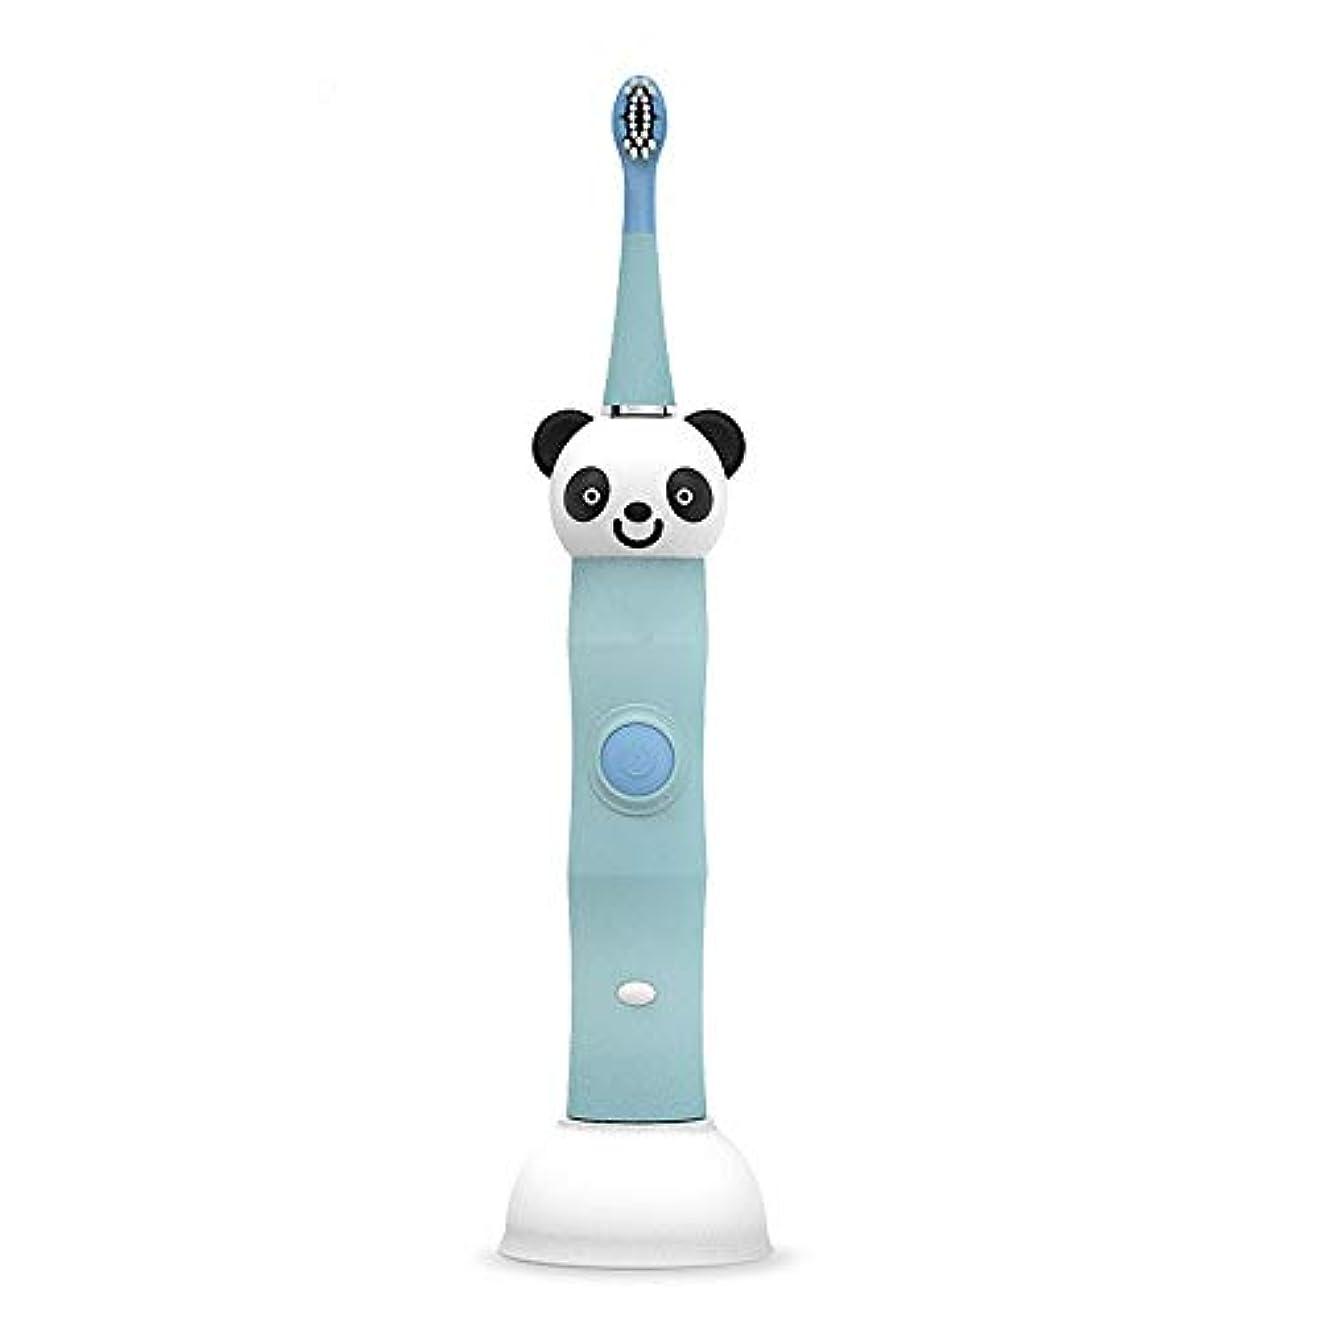 農業栄光みなす電動歯ブラシ 毎日の使用のためのUSBの充満基盤の柔らかい毛のきれいな歯ブラシと防水子供の電動歯ブラシ 大人と子供向け (色 : 青, サイズ : Free size)